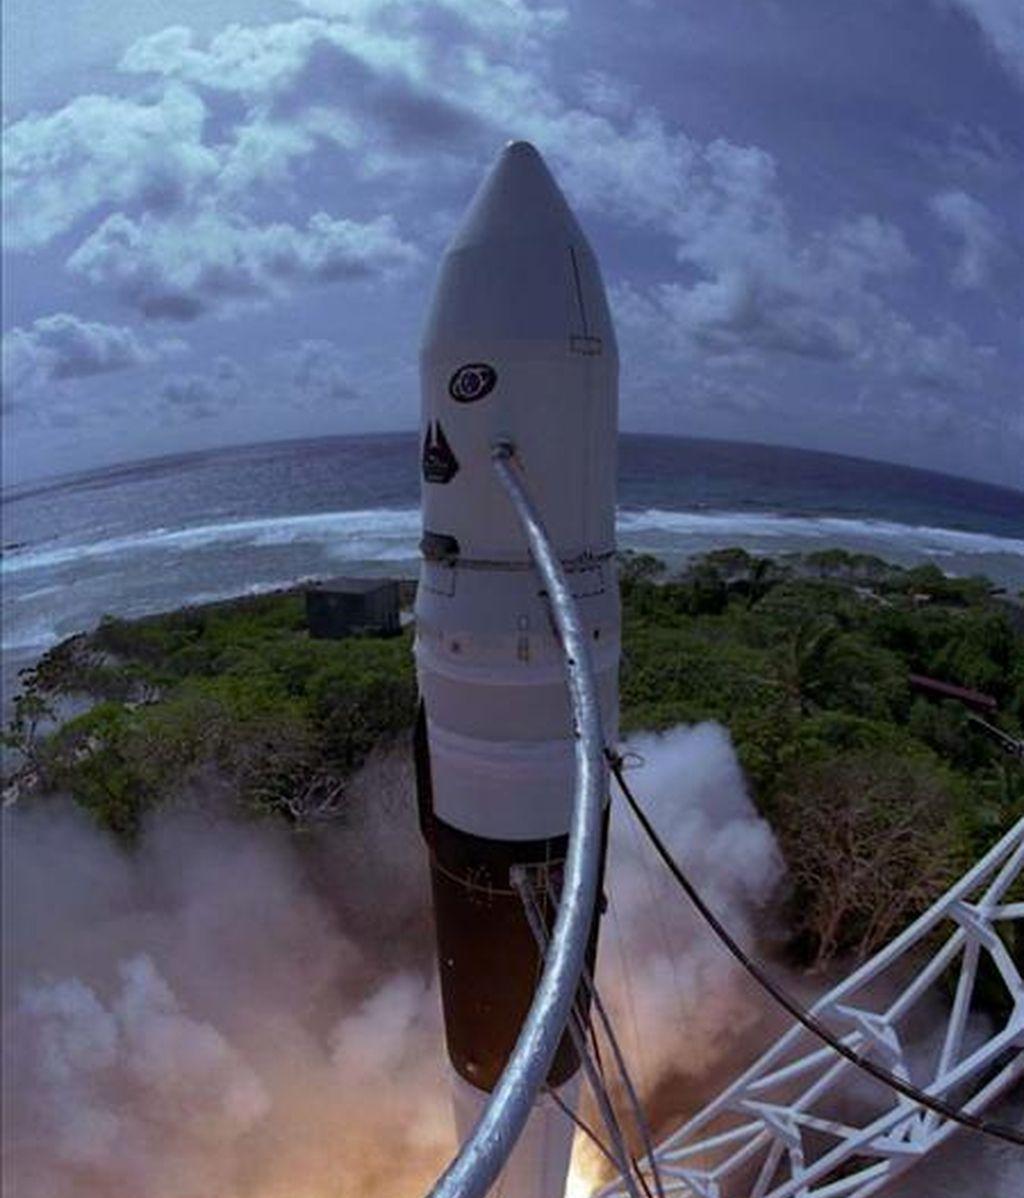 En septiembre del año pasado, el Falcon 2, diseñado y manufacturado totalmente por SpaceX, se convirtió en el primer cohete de combustible líquido desarrollado por el sector privado que orbitó la Tierra. EFE/Archivo